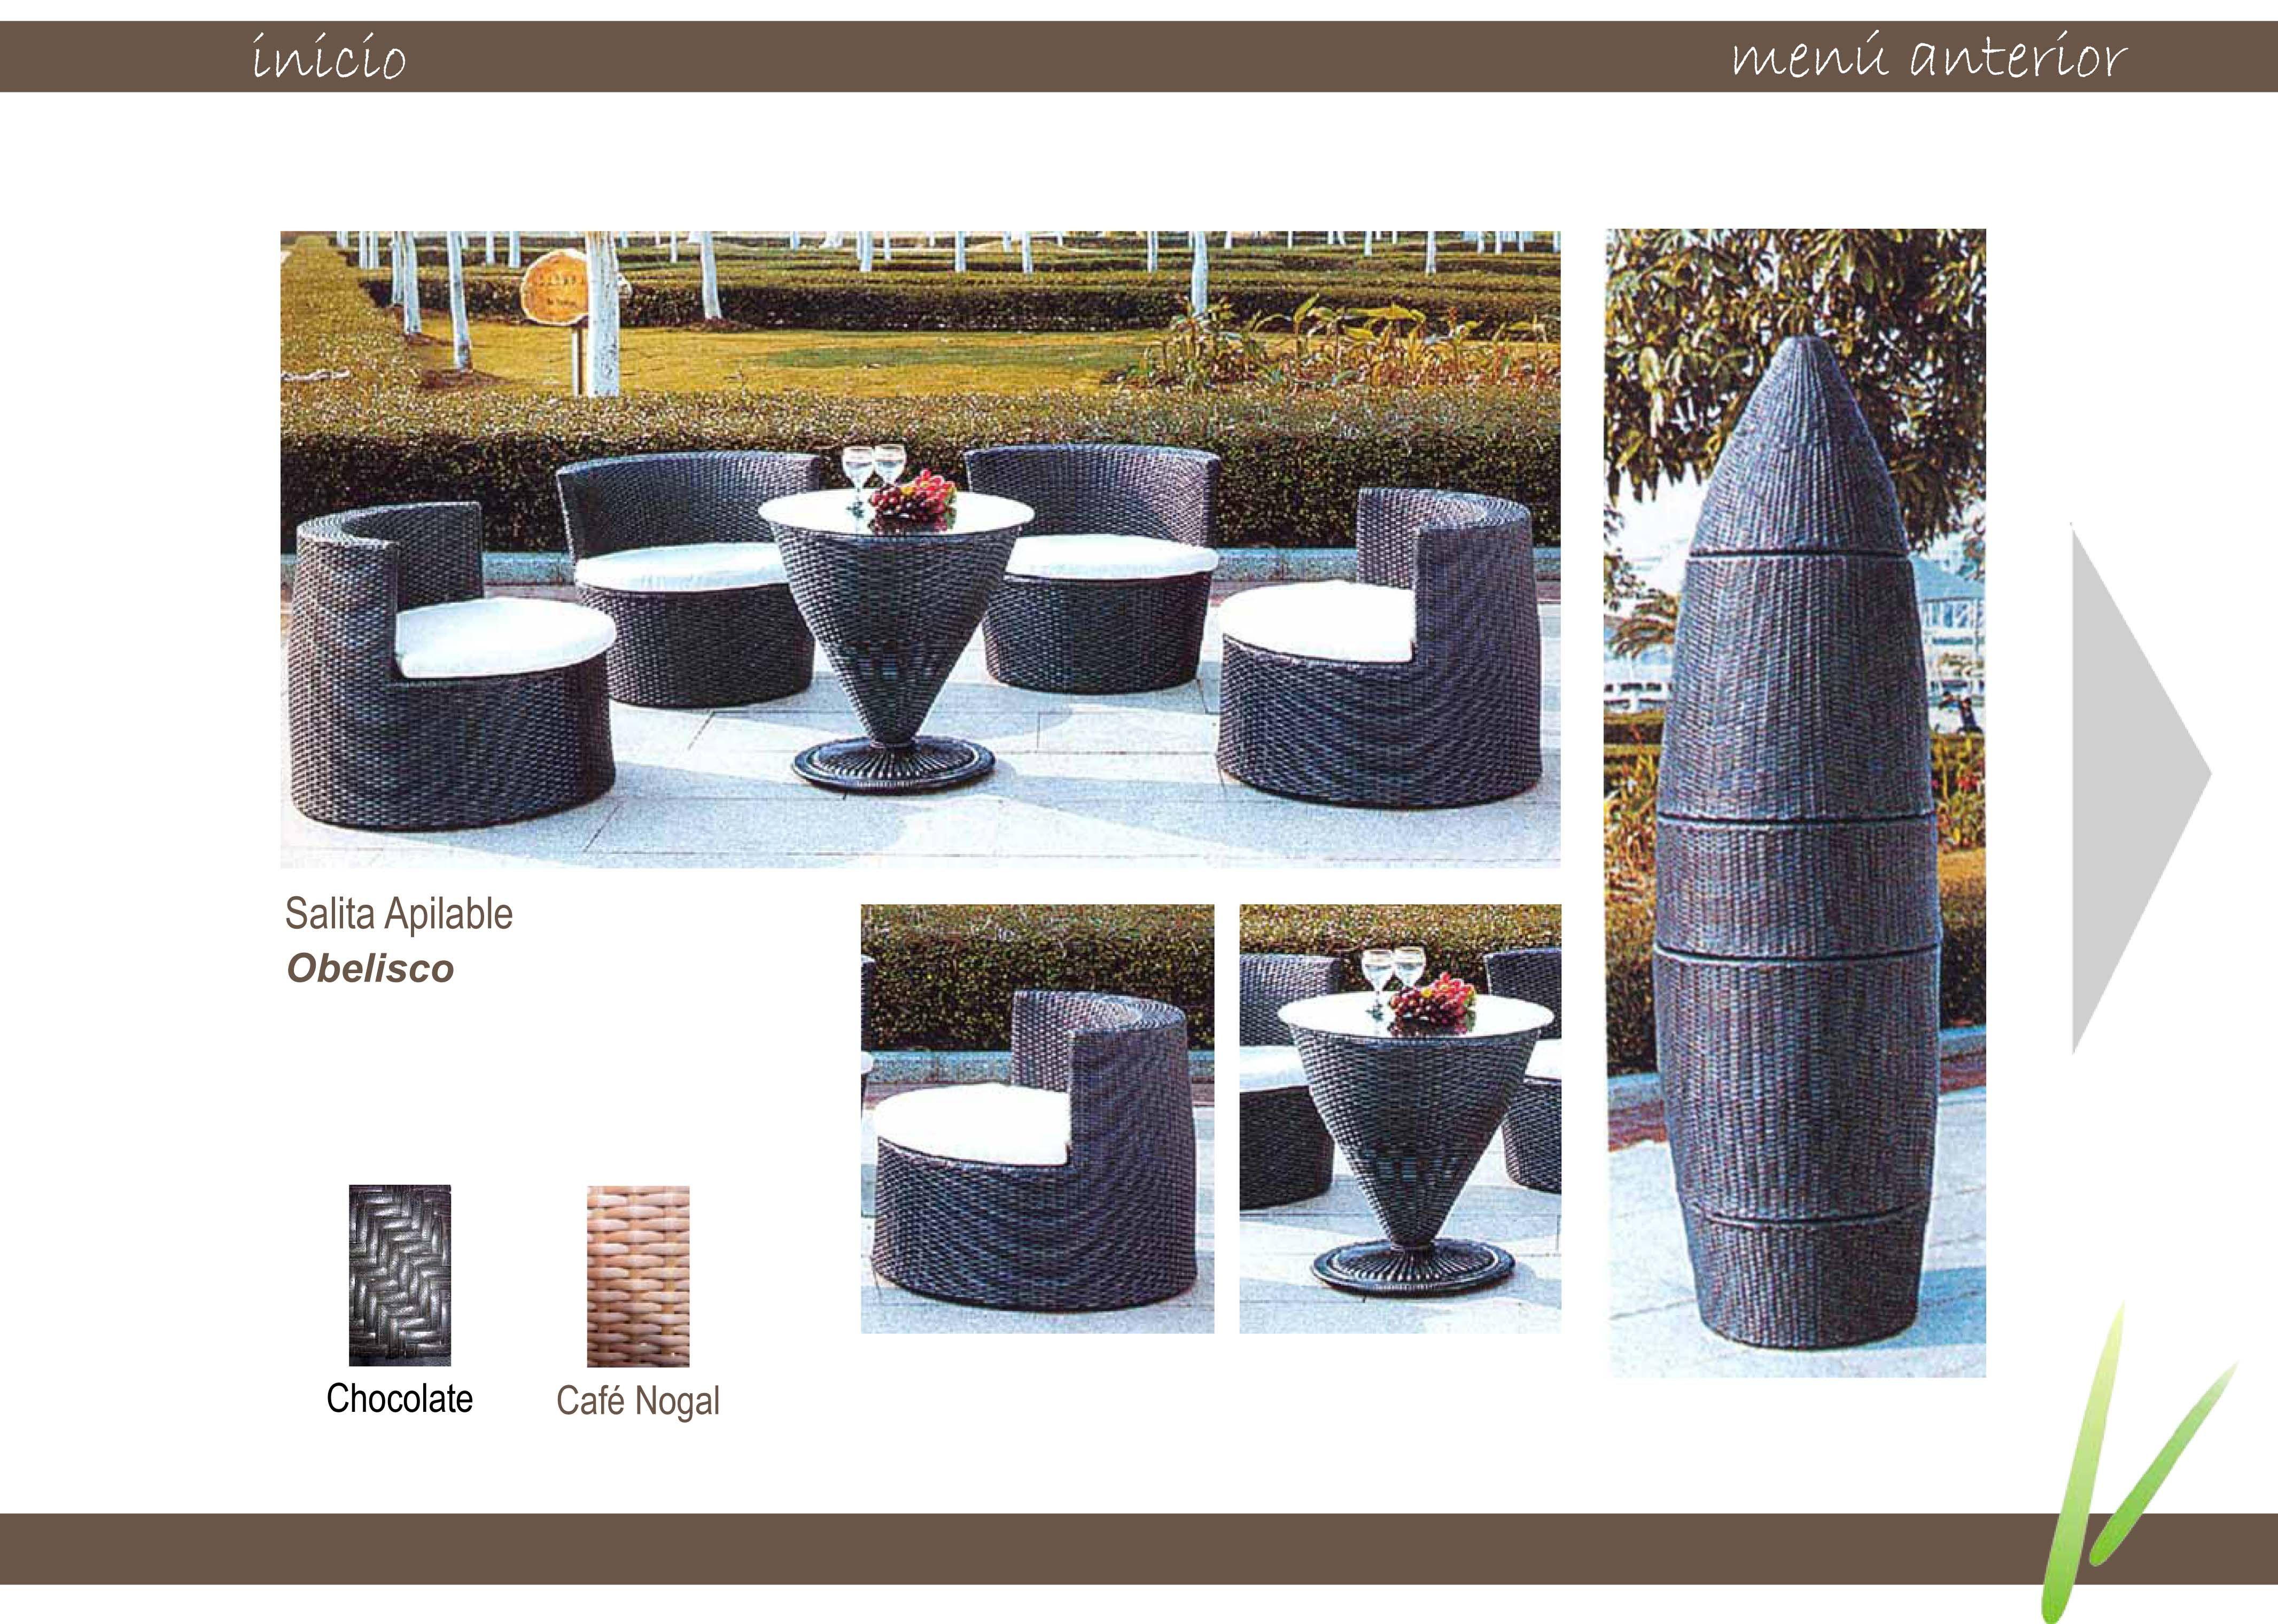 Espacio casual muebles para exteriores - Muebles para exteriores ...